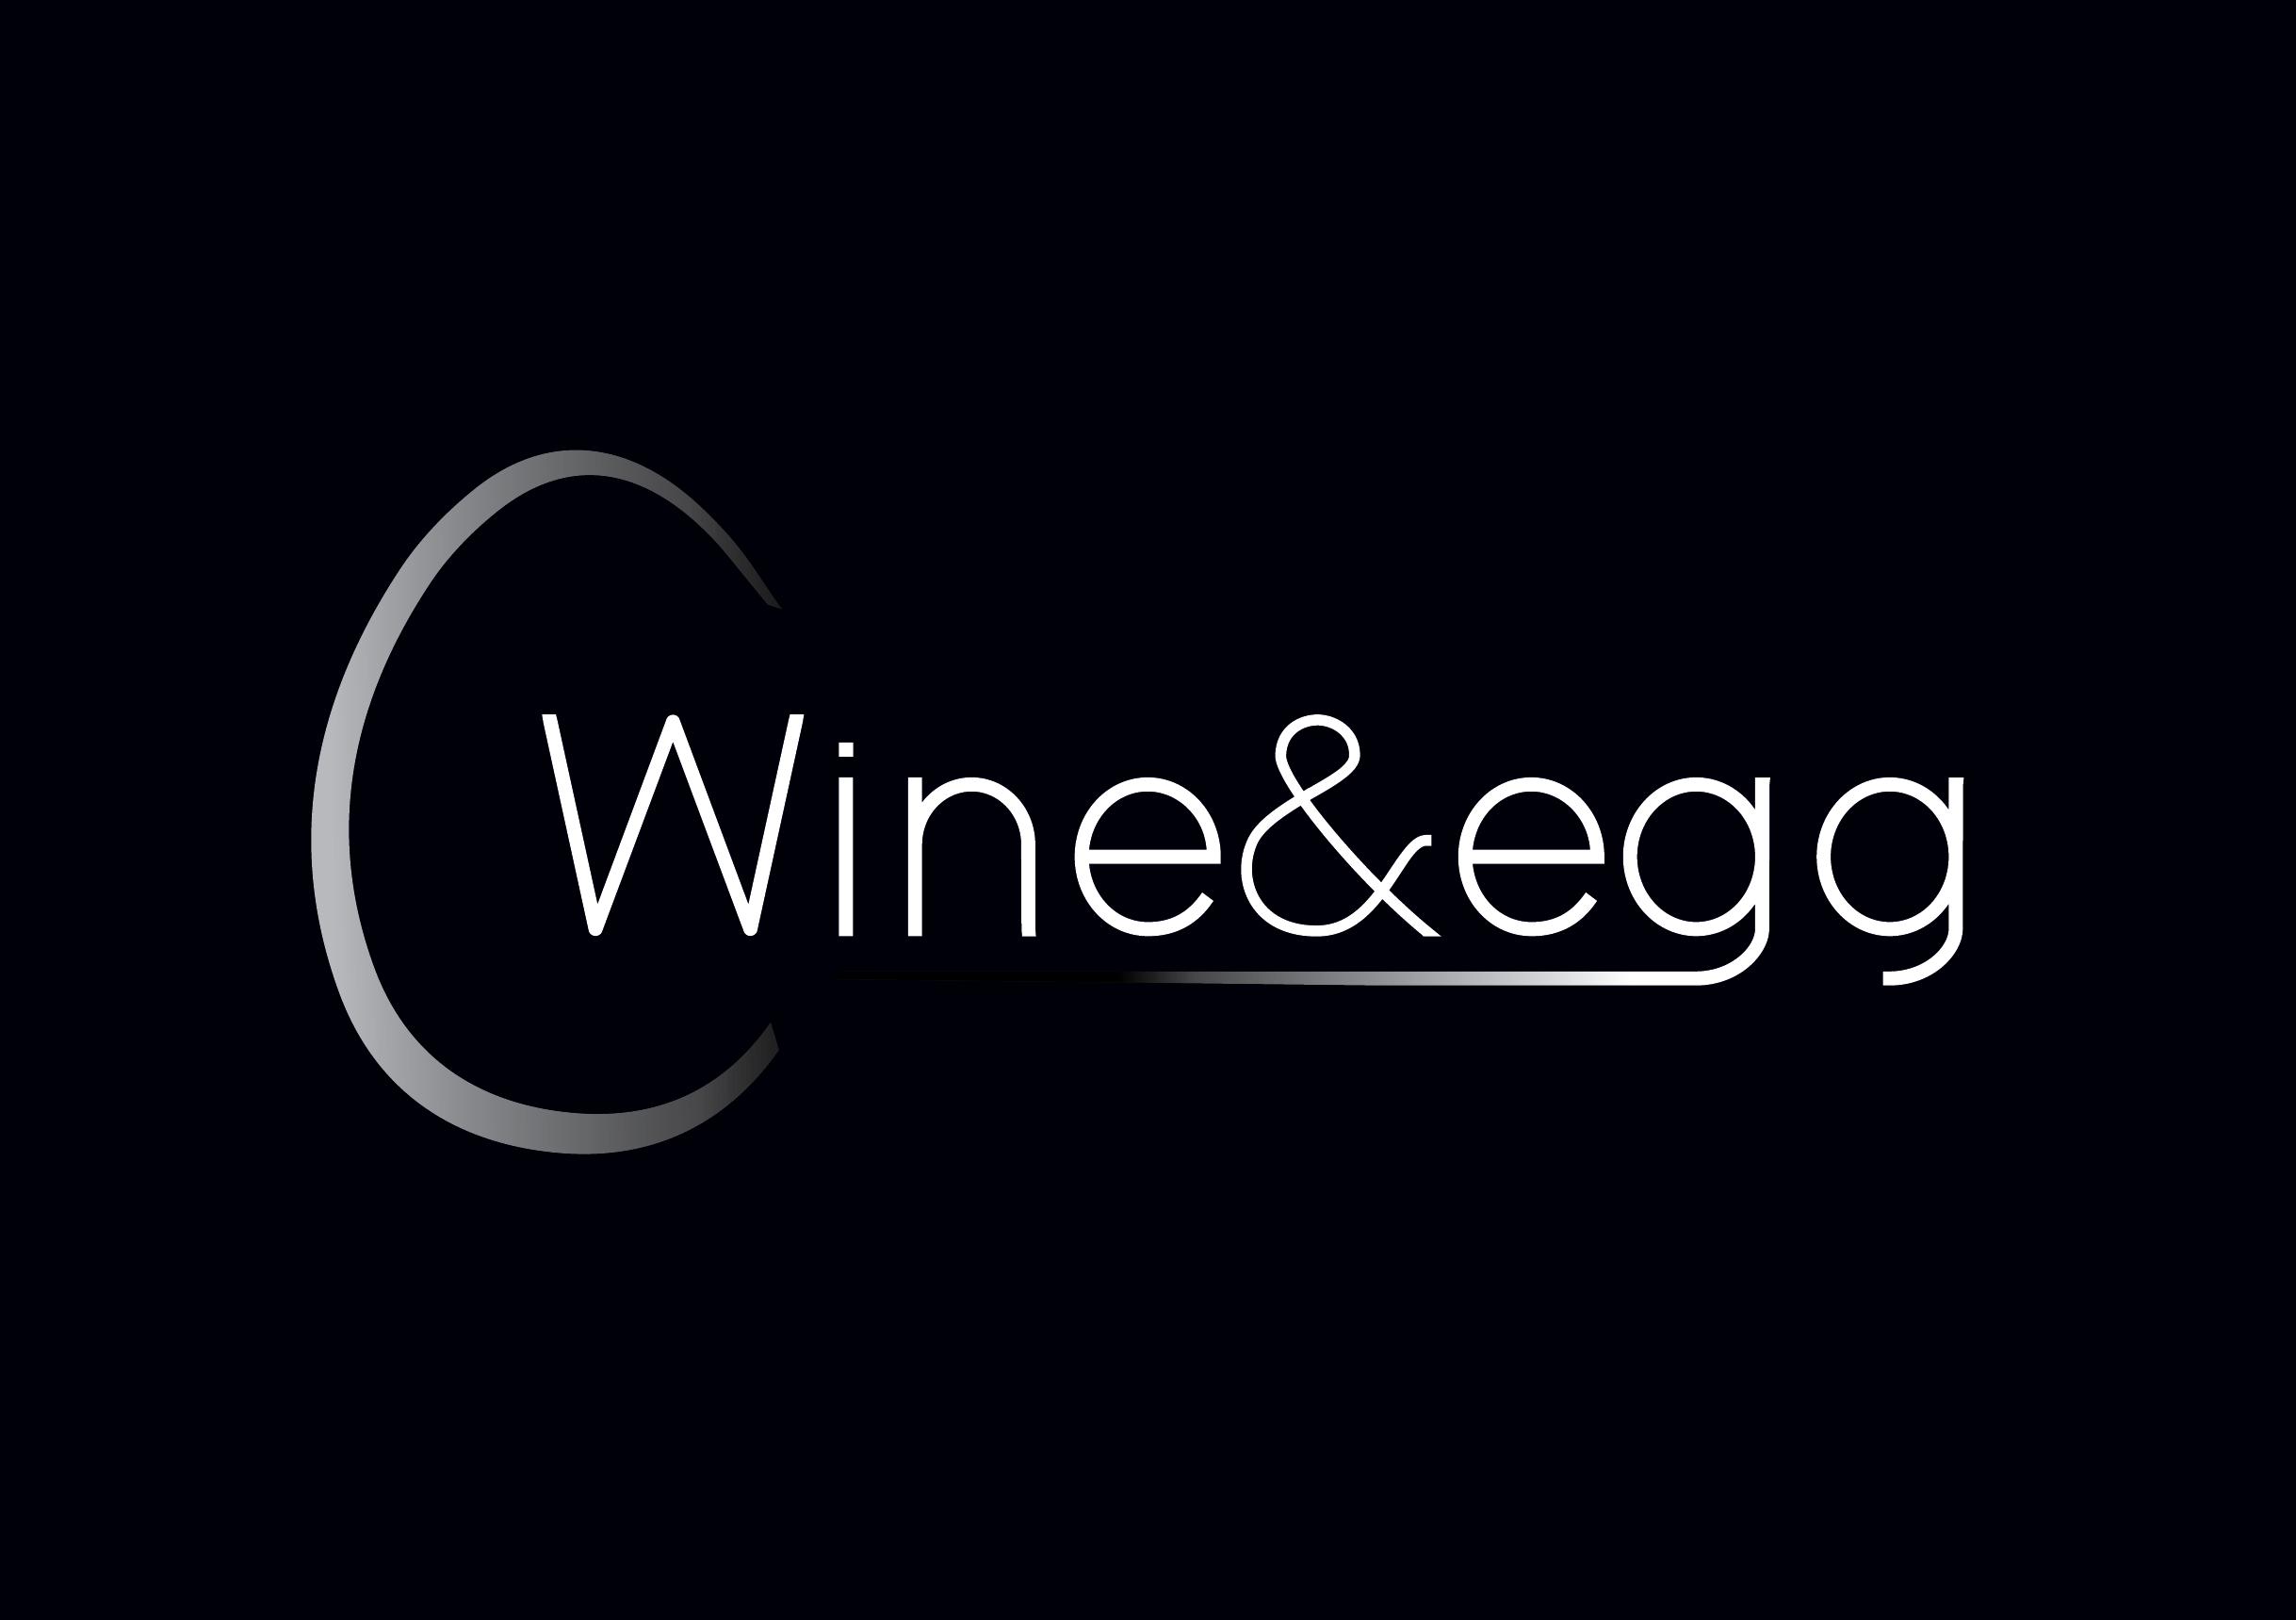 Wine&egg